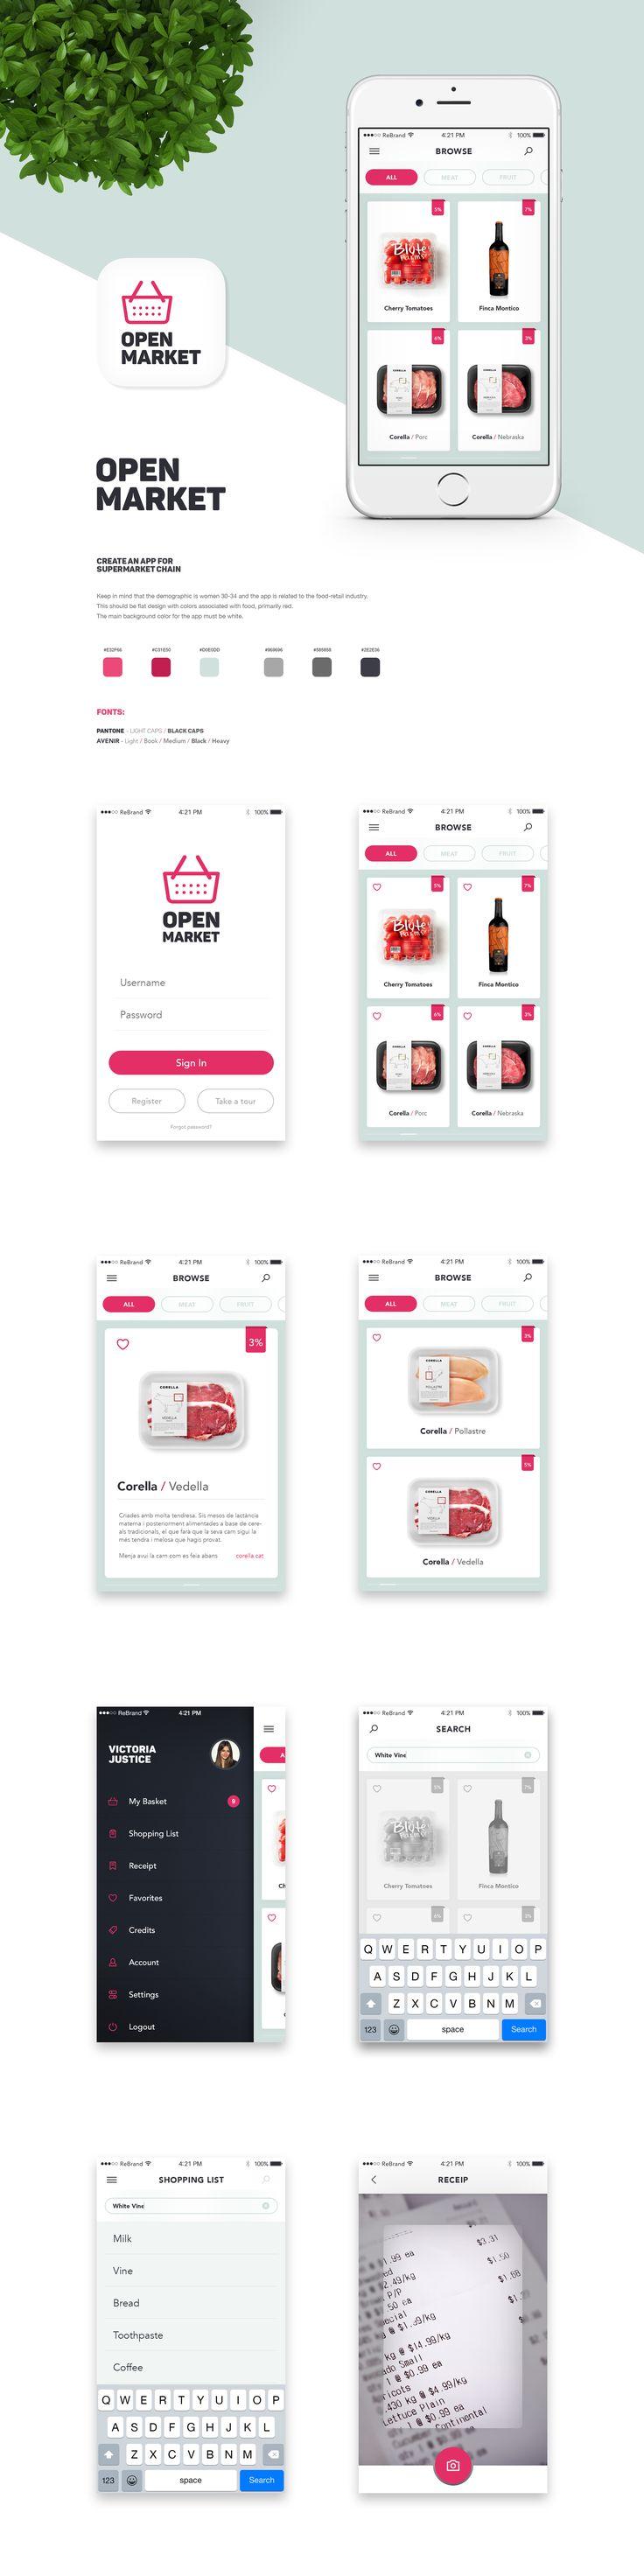 torlanco escolheu o design vencedor no seu concurso de design de aplicativo. Por apenas US$1.099 eles receberam 93 designs de 19 designers.